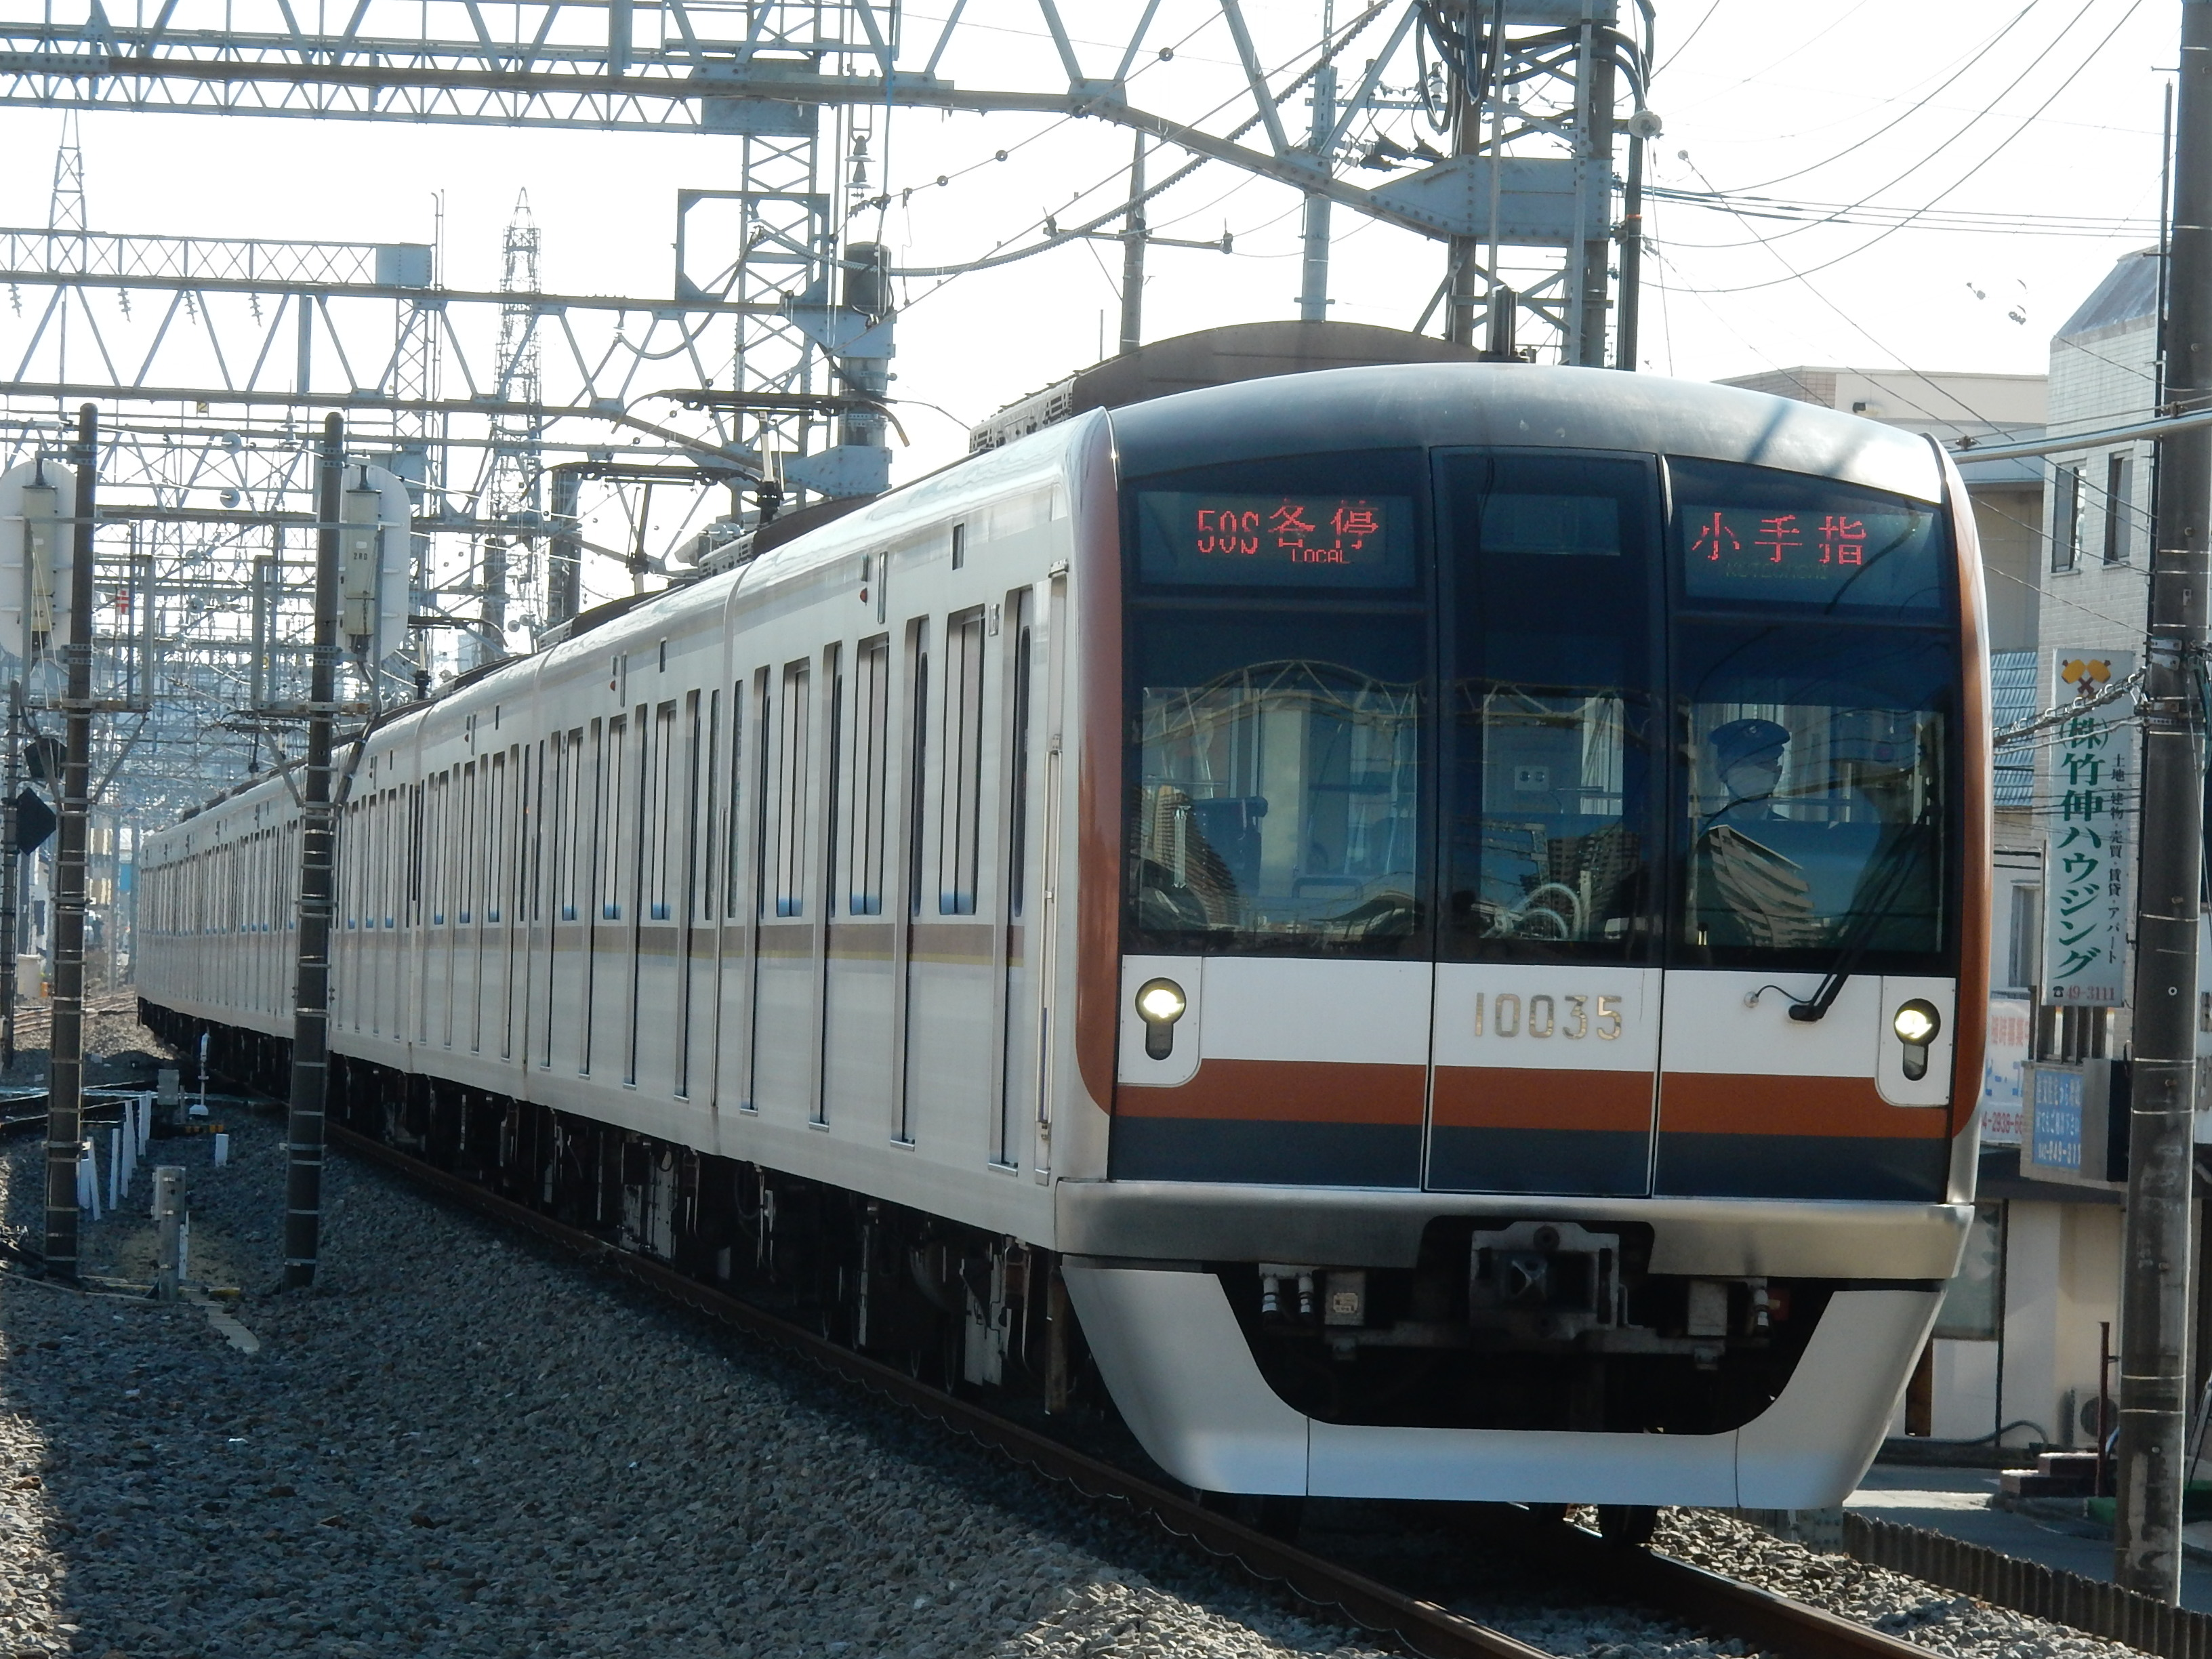 DSCN2774.jpg